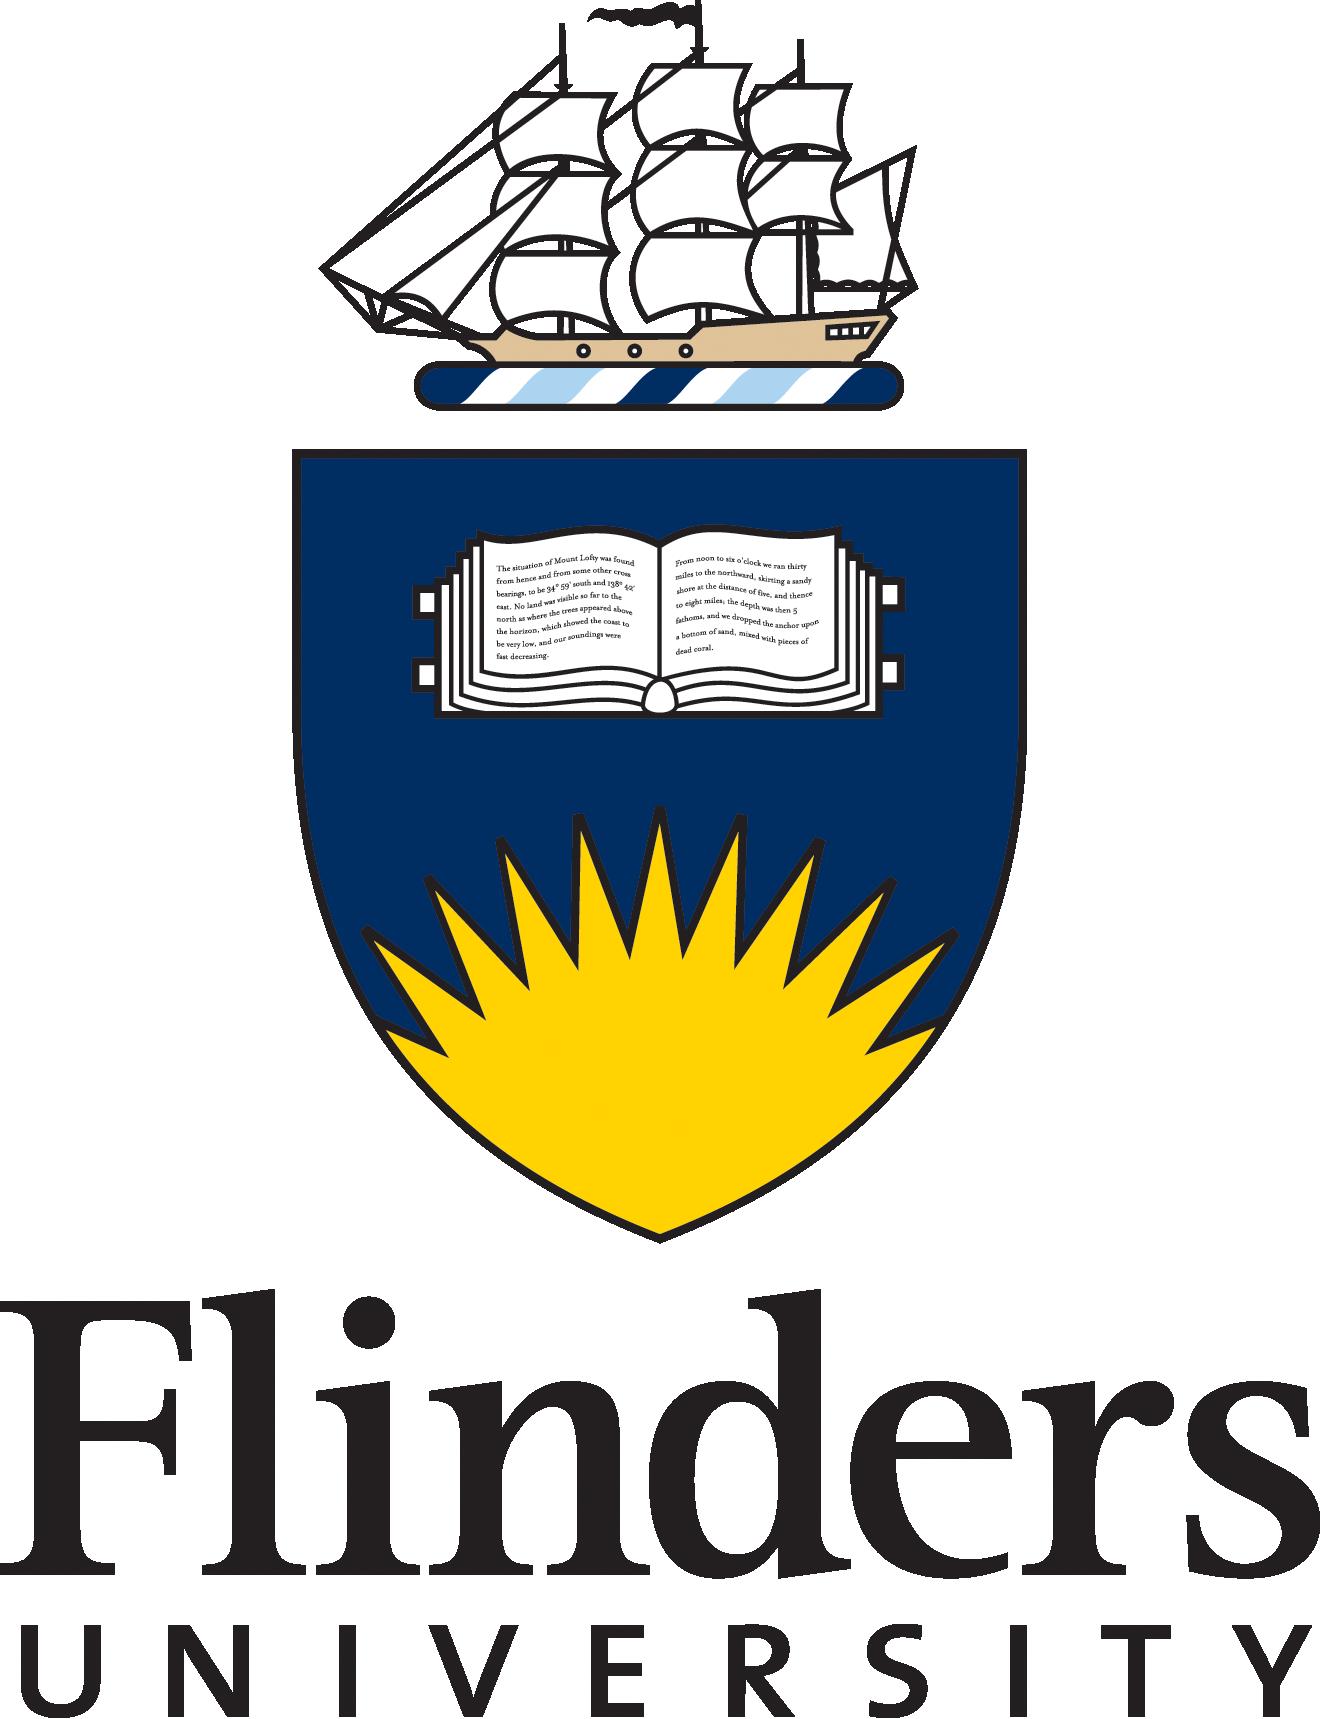 008 Reflective Writing Flinders University Academic writing